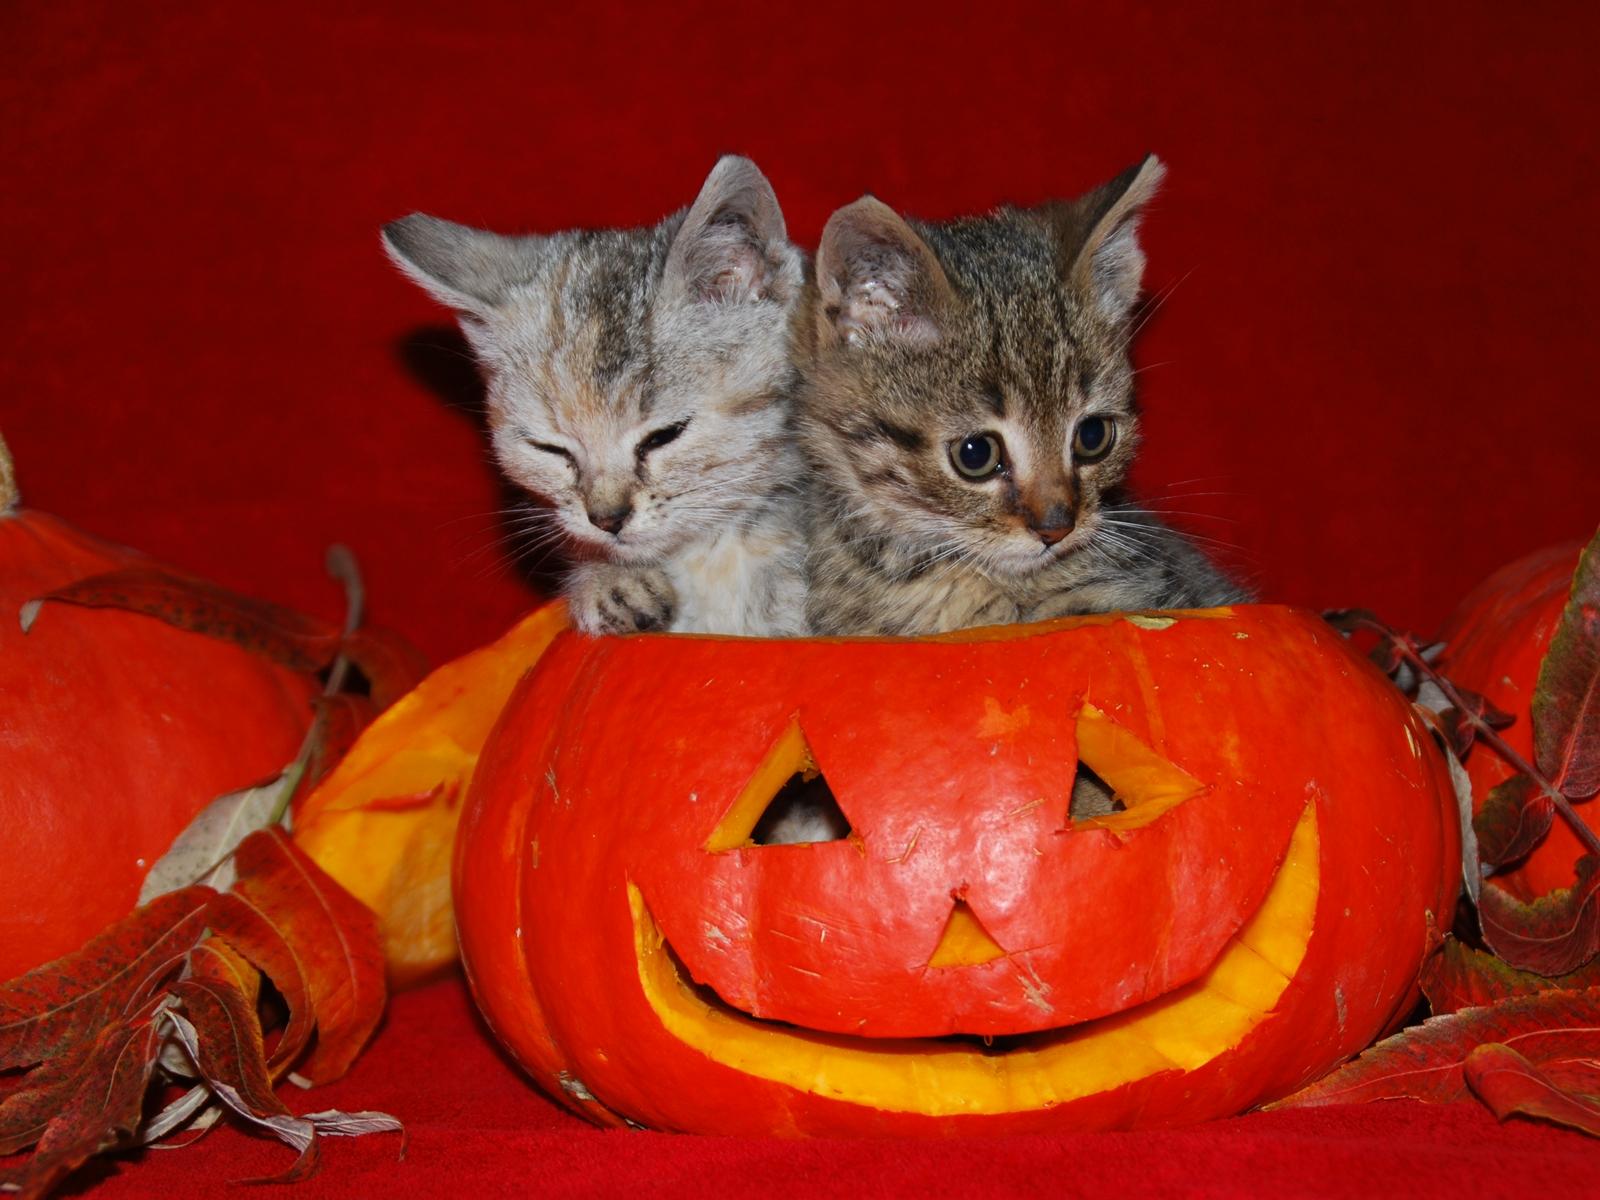 Home Holidays Halloween Cute Halloween Desktop Wallpaper 1600x1200